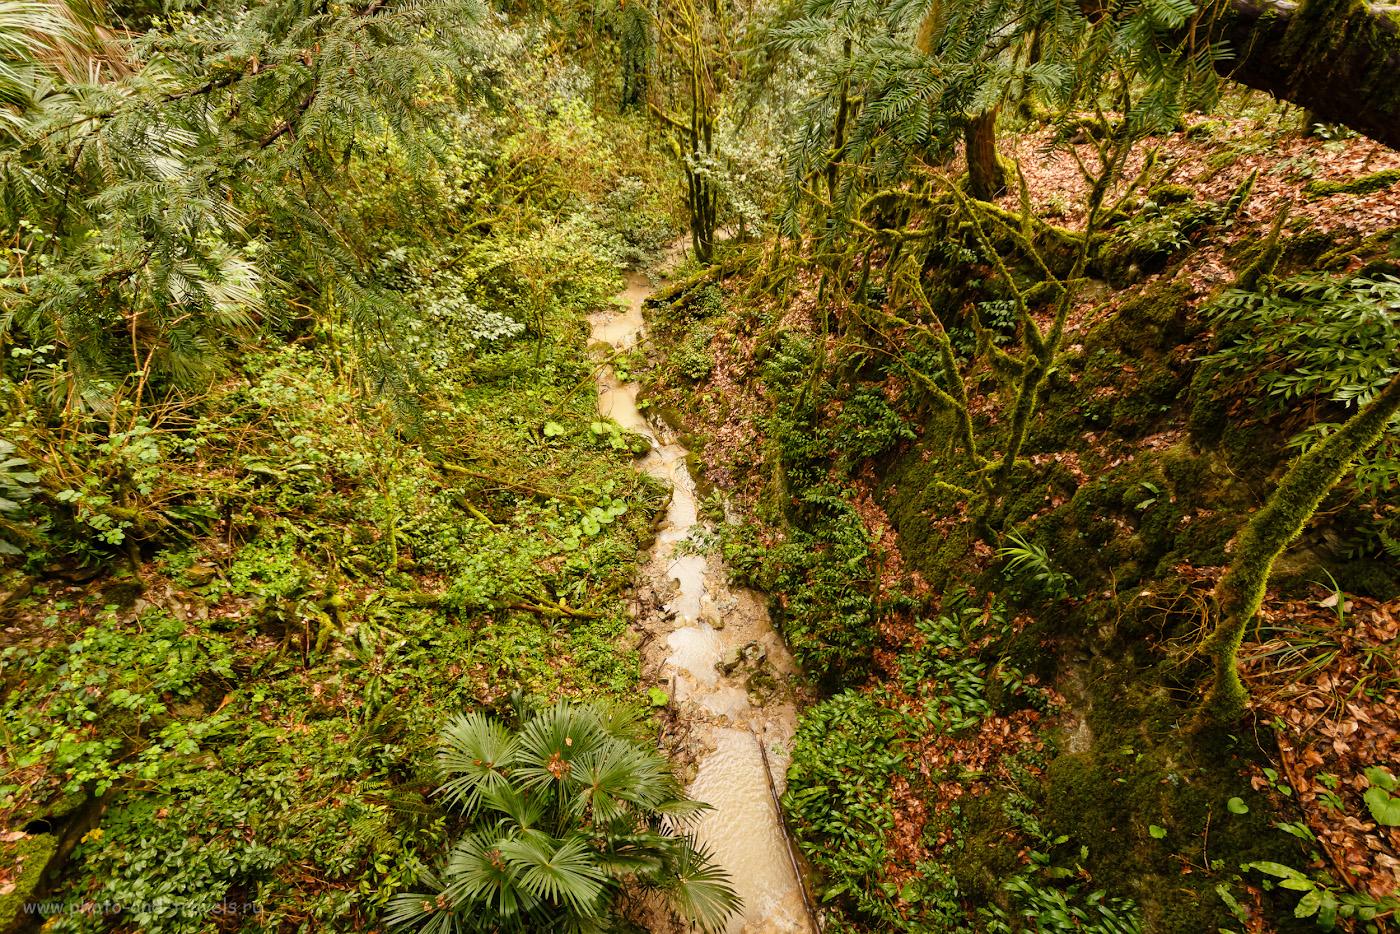 Фото 27. Виды на Малом маршруте Тисо-самшитовой рощи. Отзывы туристов об интересных экскурсиях. 1/80, f/5.6, ISO 400, 10мм.